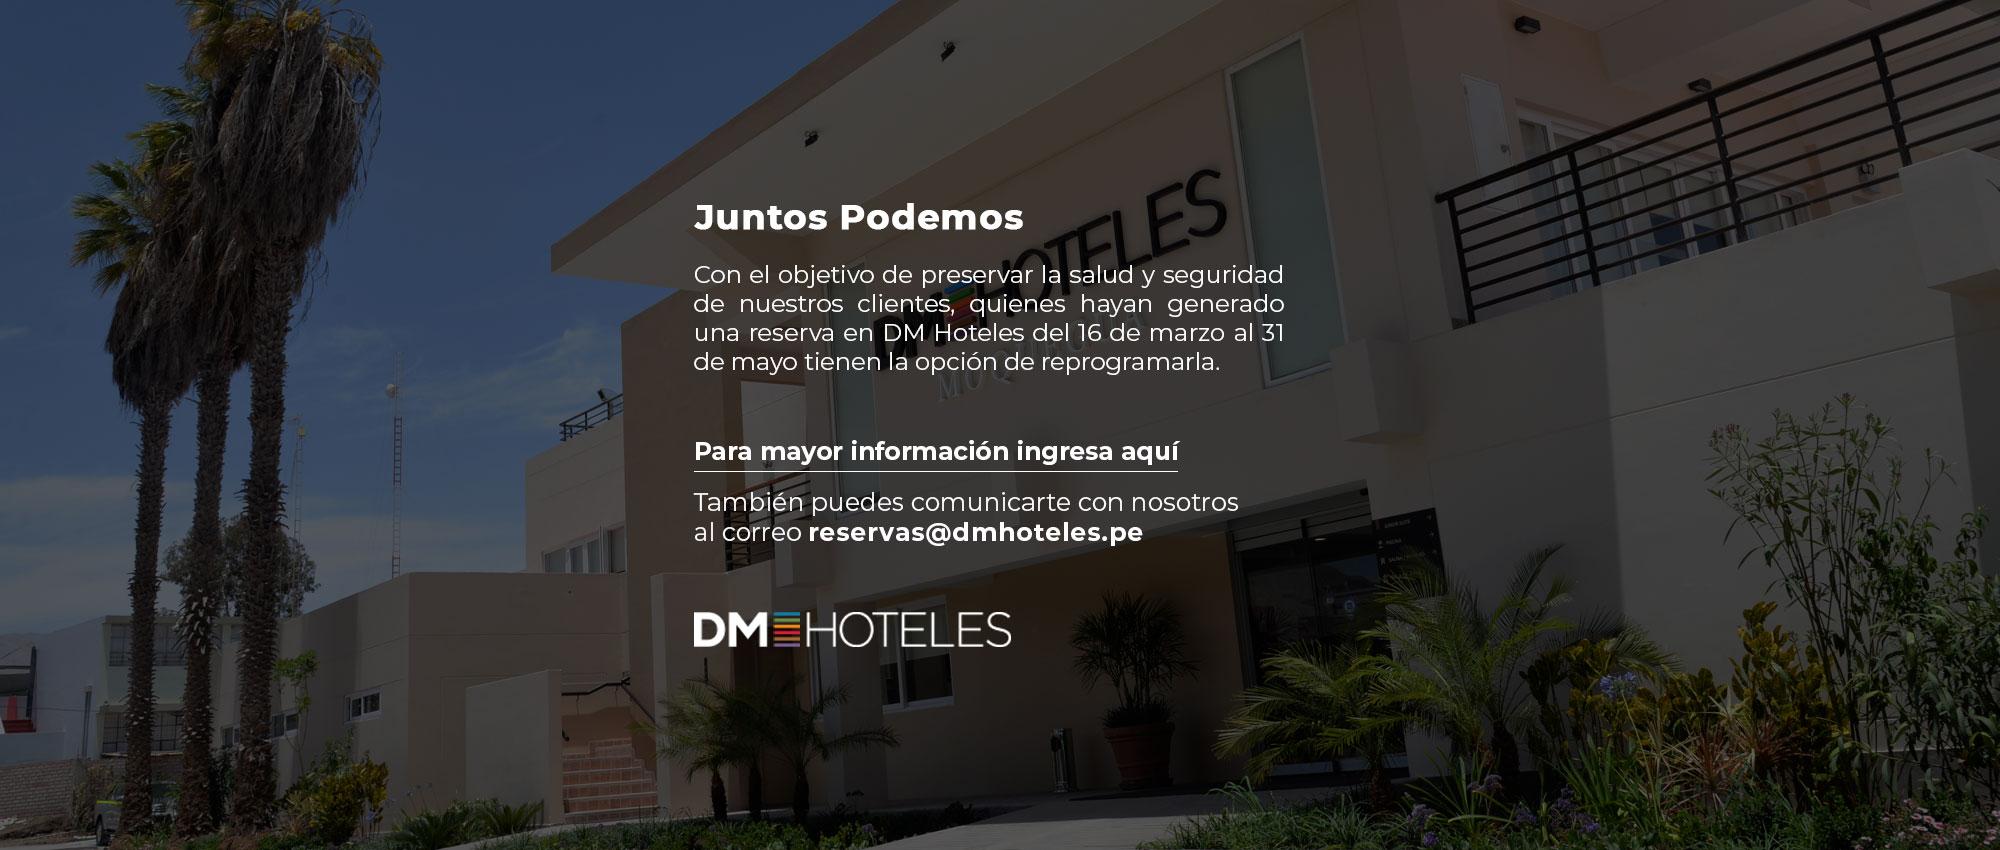 dm-hoteles-peru-juntos-podemos-covid-19-banner-home-1